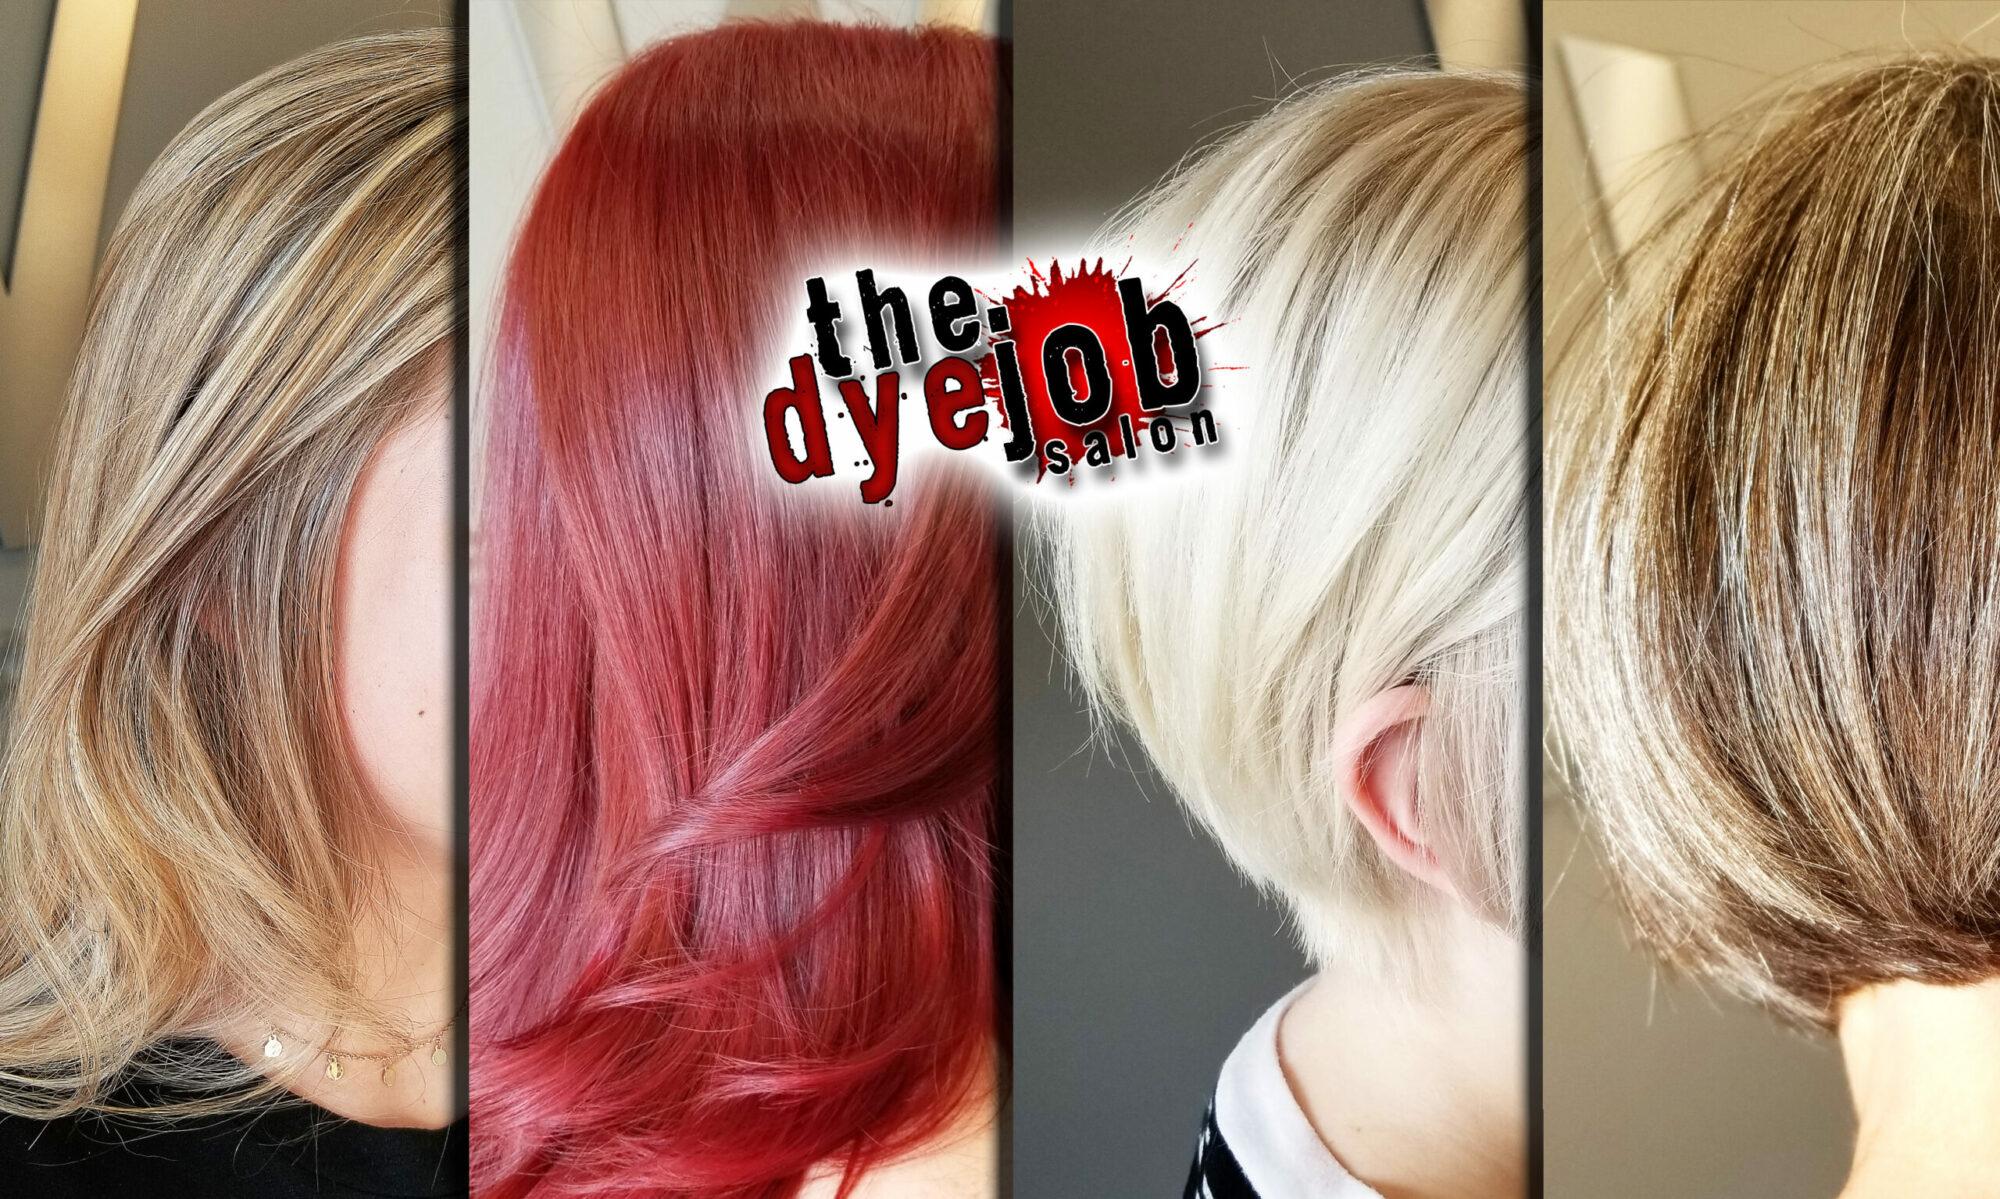 The Dye Job Salon